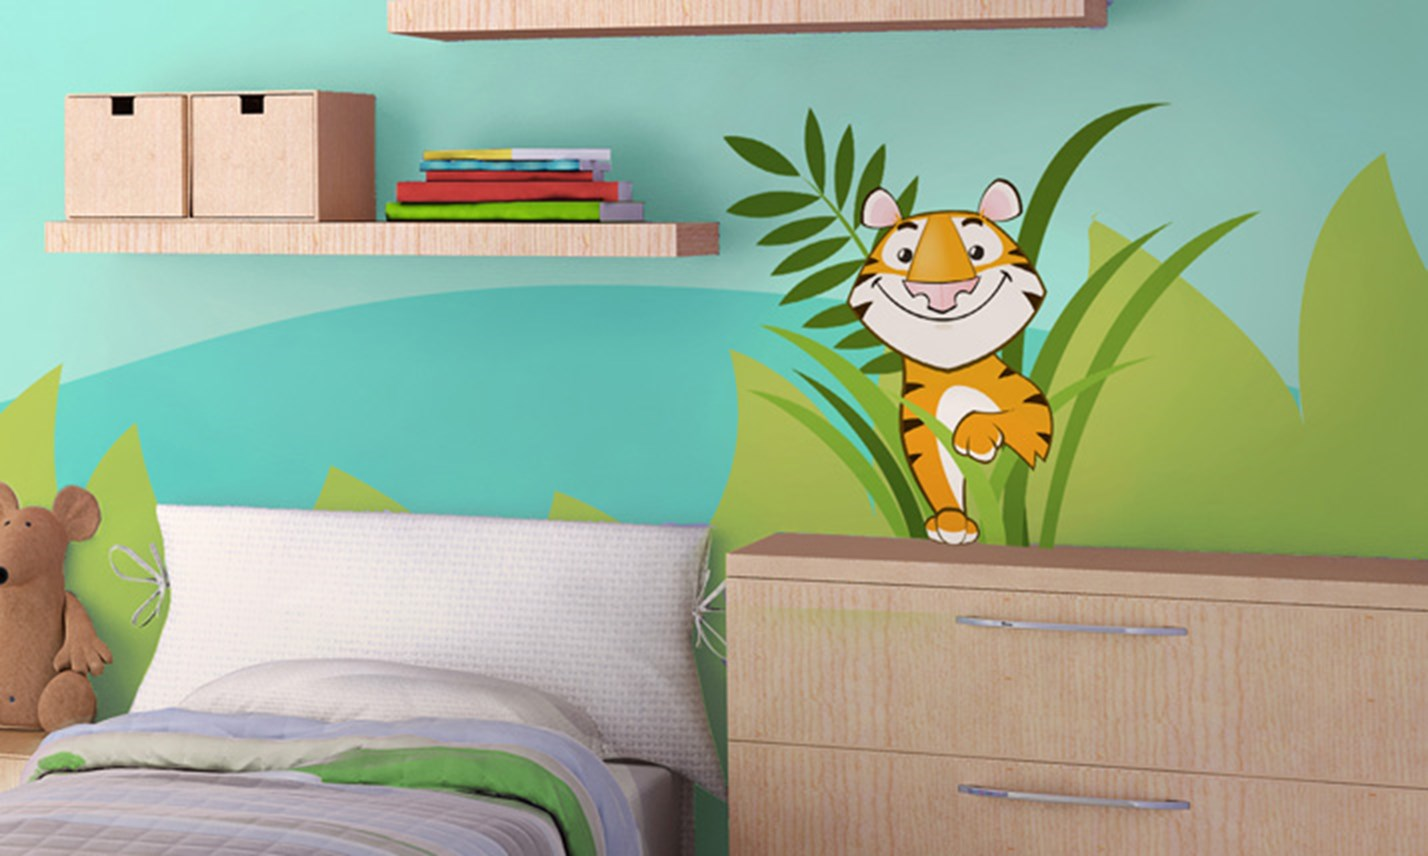 Decorare Pareti Cameretta Bambini : Stickers murali bambini cameretta nella giungla leostickers